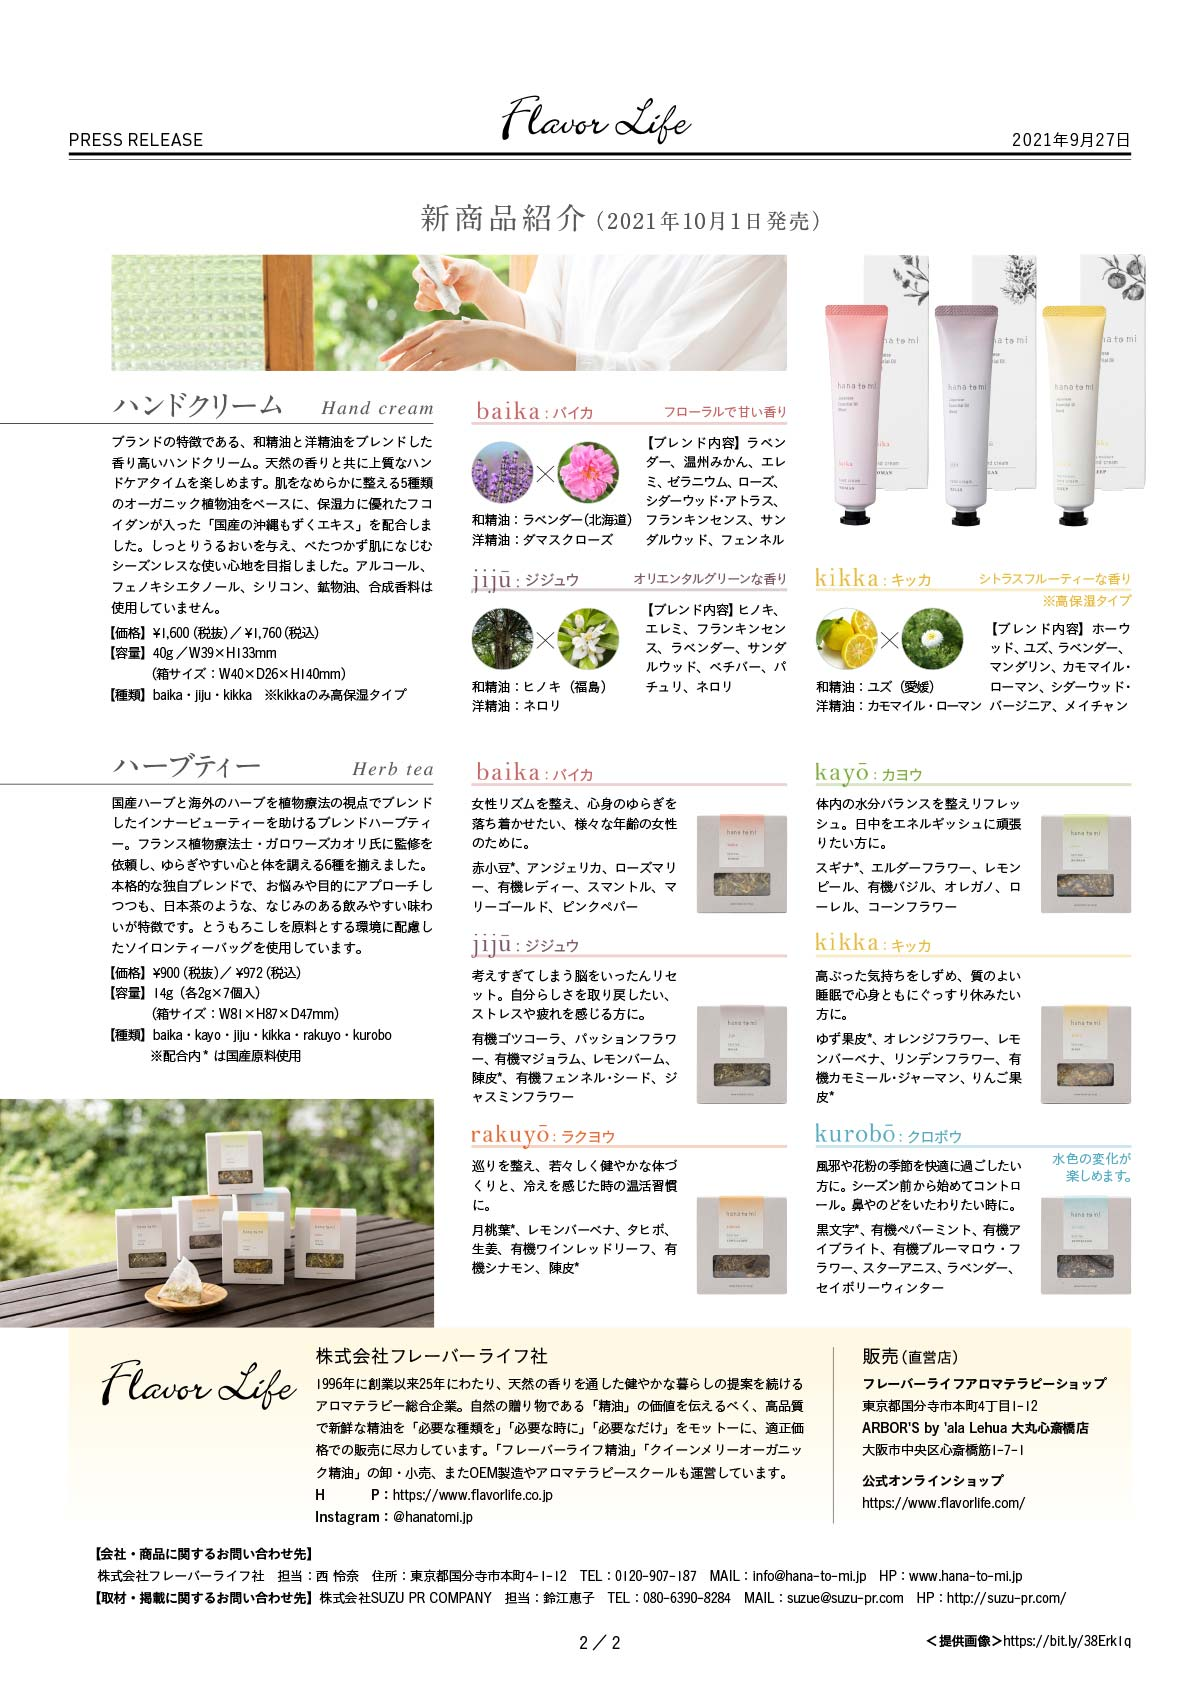 【PRESS RELEASE】和洋の精油をブレンドしたハンドクリーム&和洋のハーブティー10月1日(金)発売